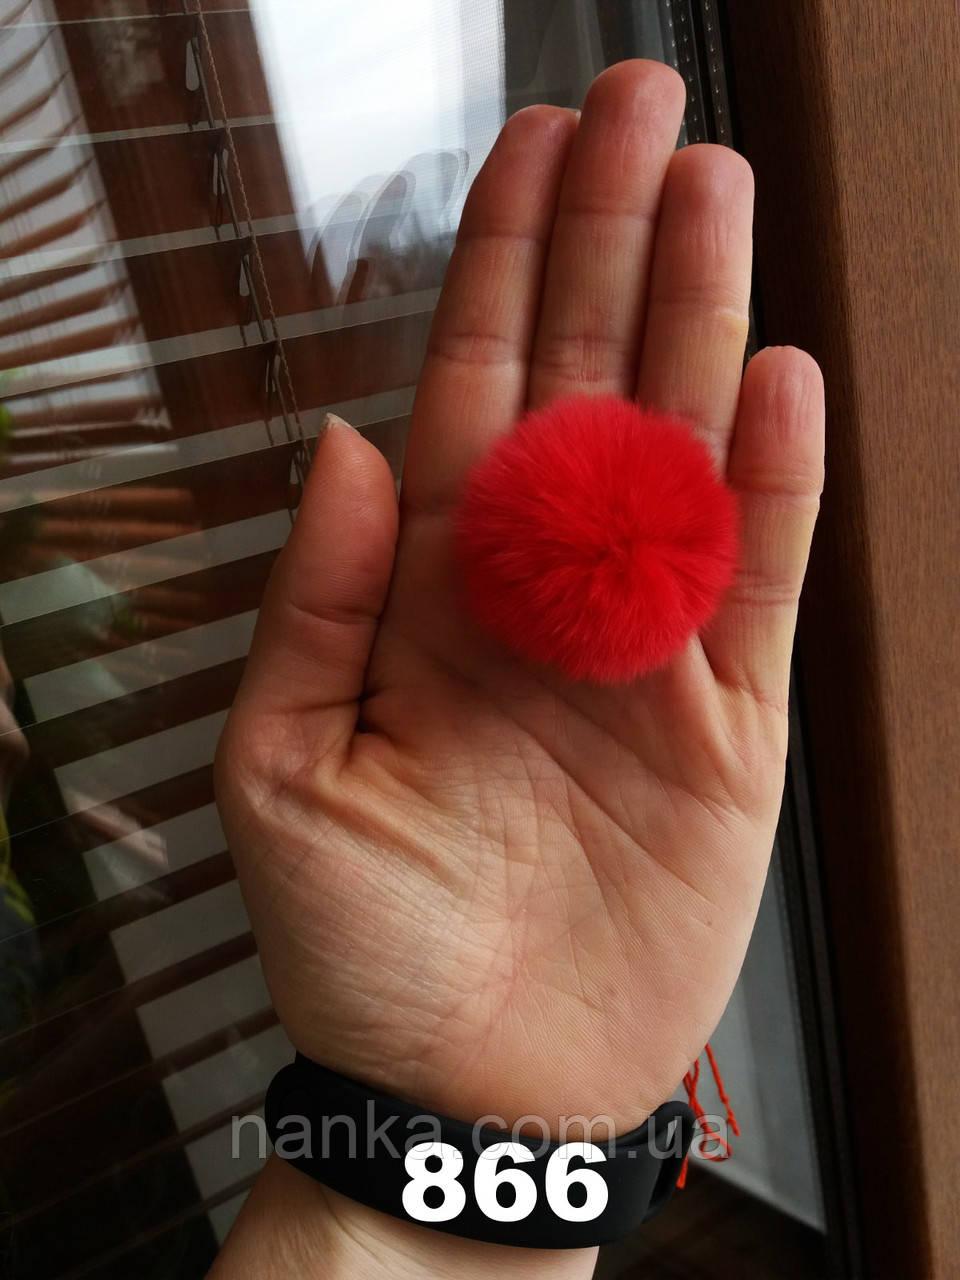 Меховой помпон Кролик РЕКС, Красный, 4/5 см, 866